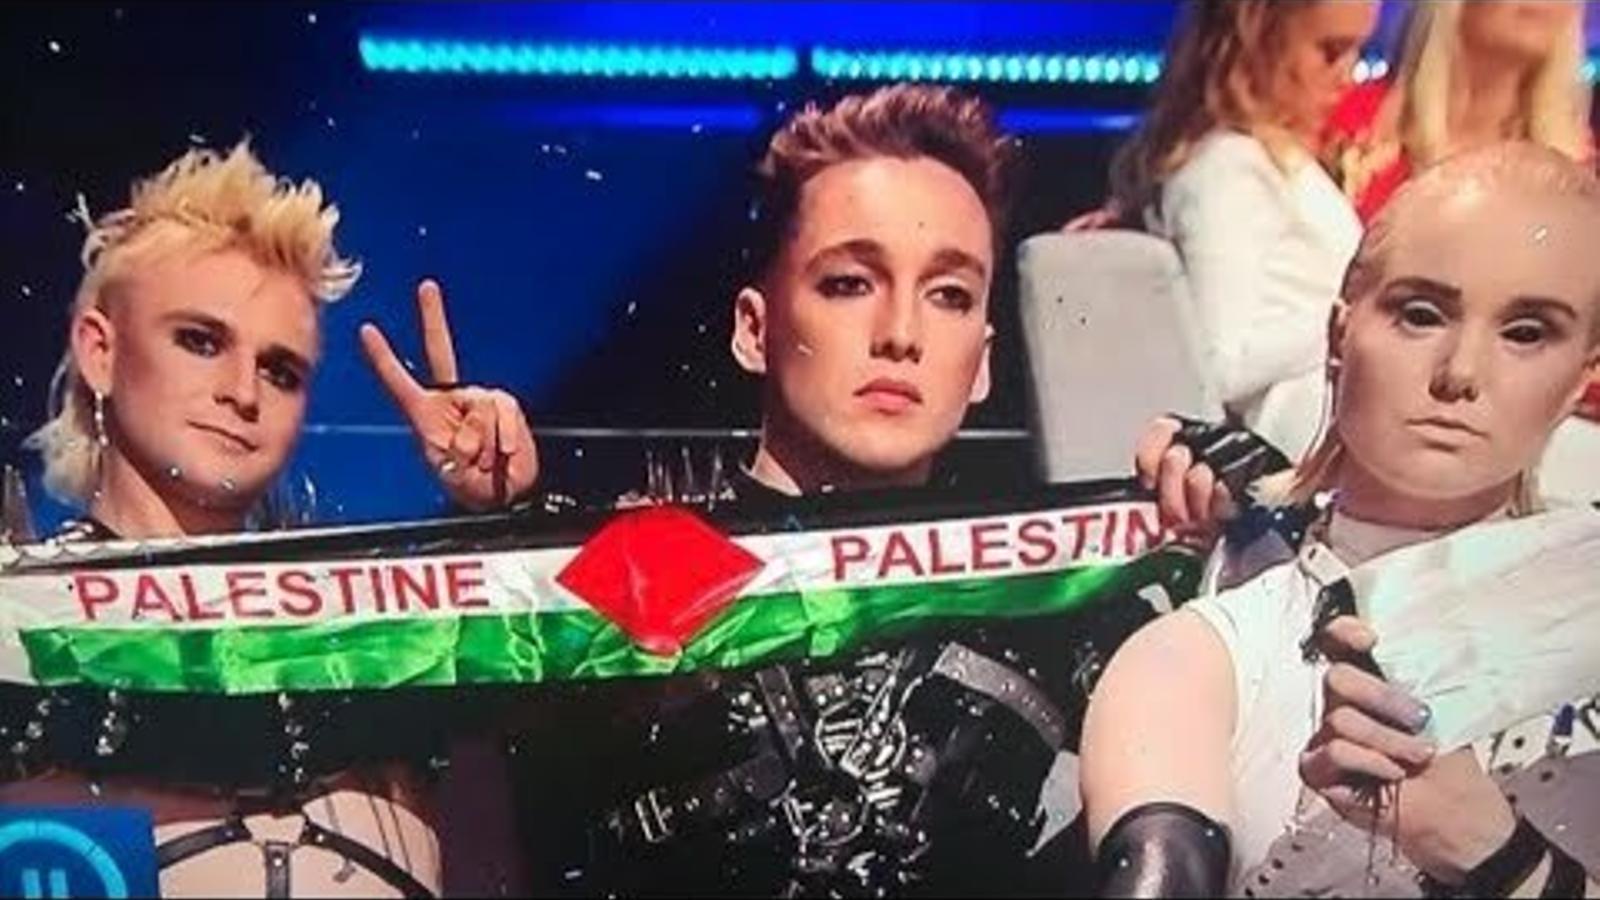 El grup Hatari mostrant la bandera de Palestina durant l'últim festival d'Eurovisió